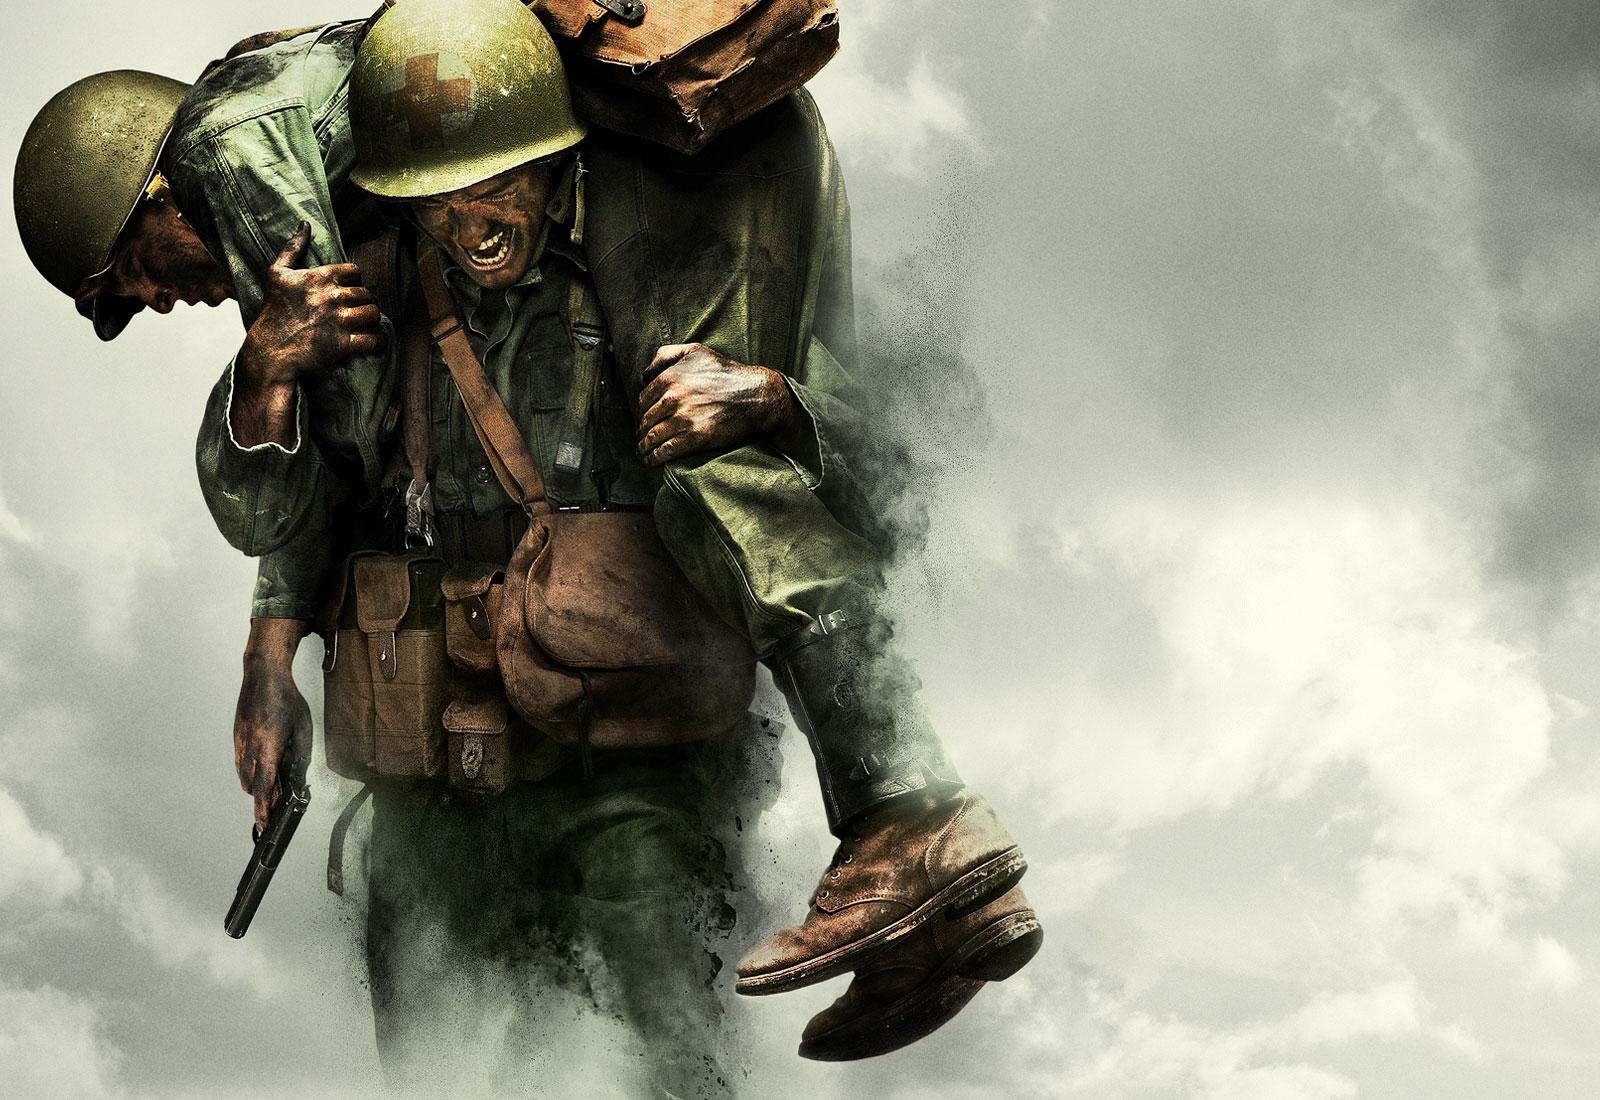 Tomuto sa hovorí naozajstný vojnový hrdina!